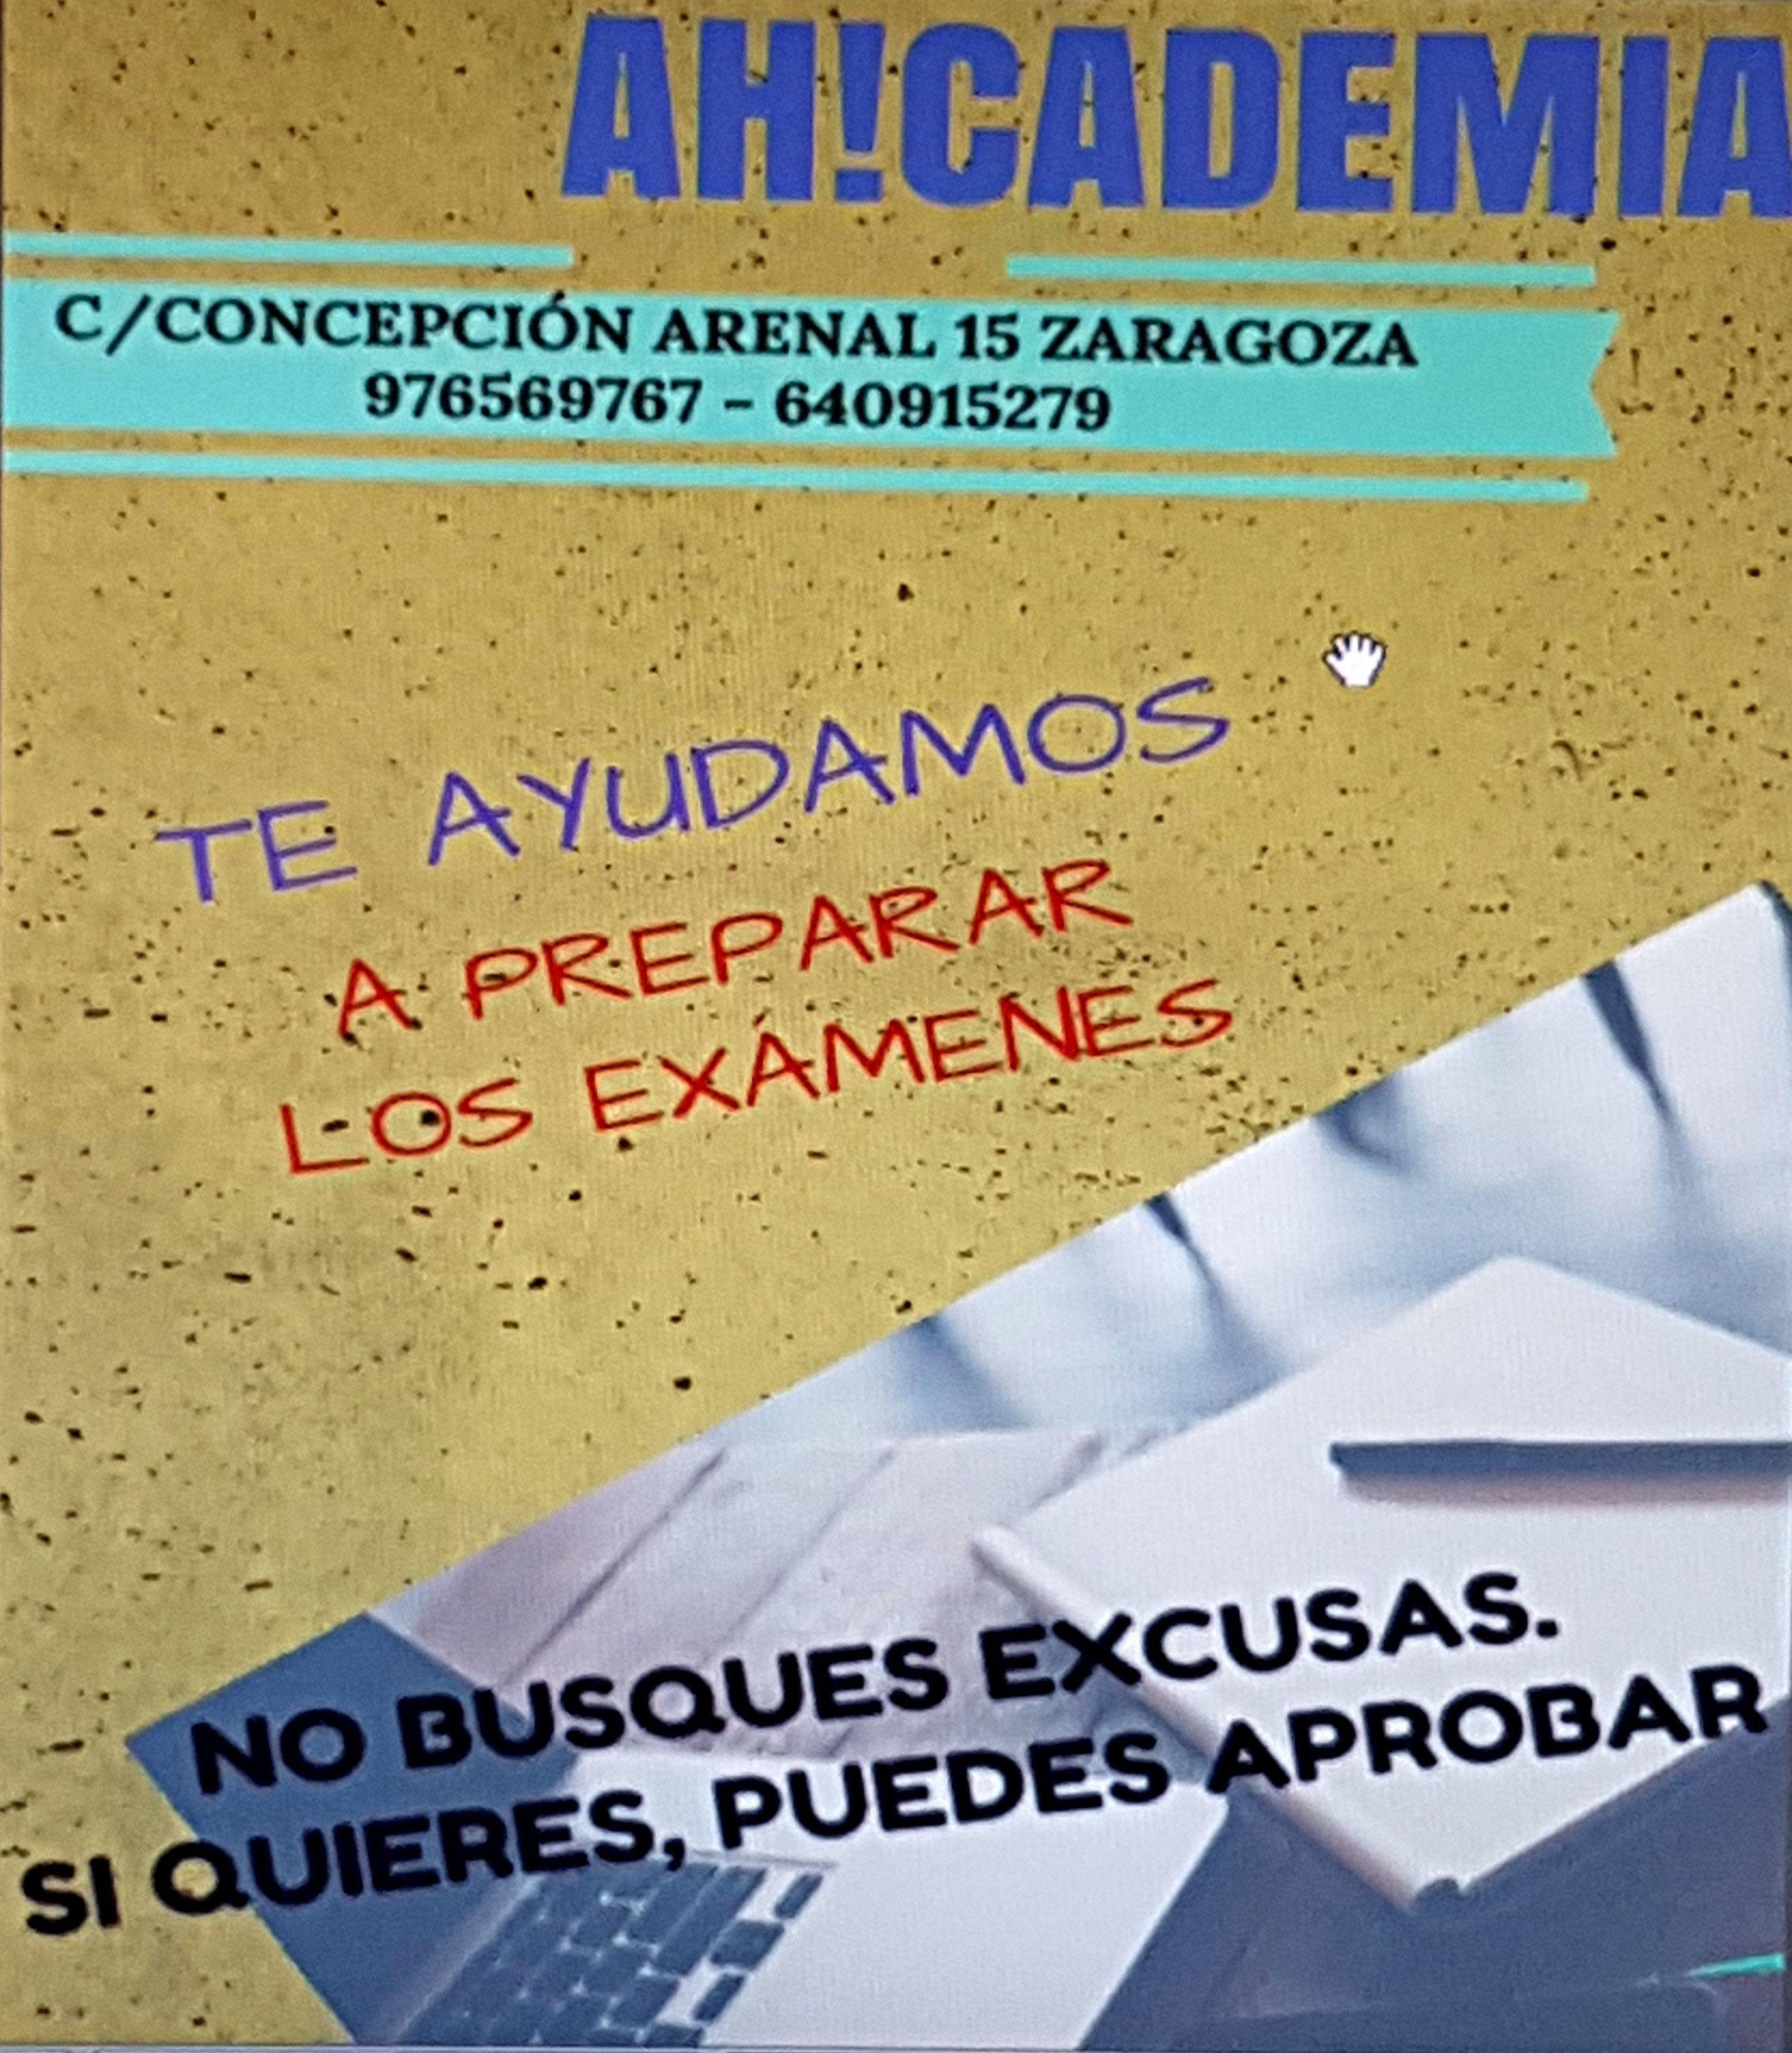 ¿TIENES DUDAS Y NO FALTA NADA PARA EL EXAMEN?, PODEMOS AYUDARTE